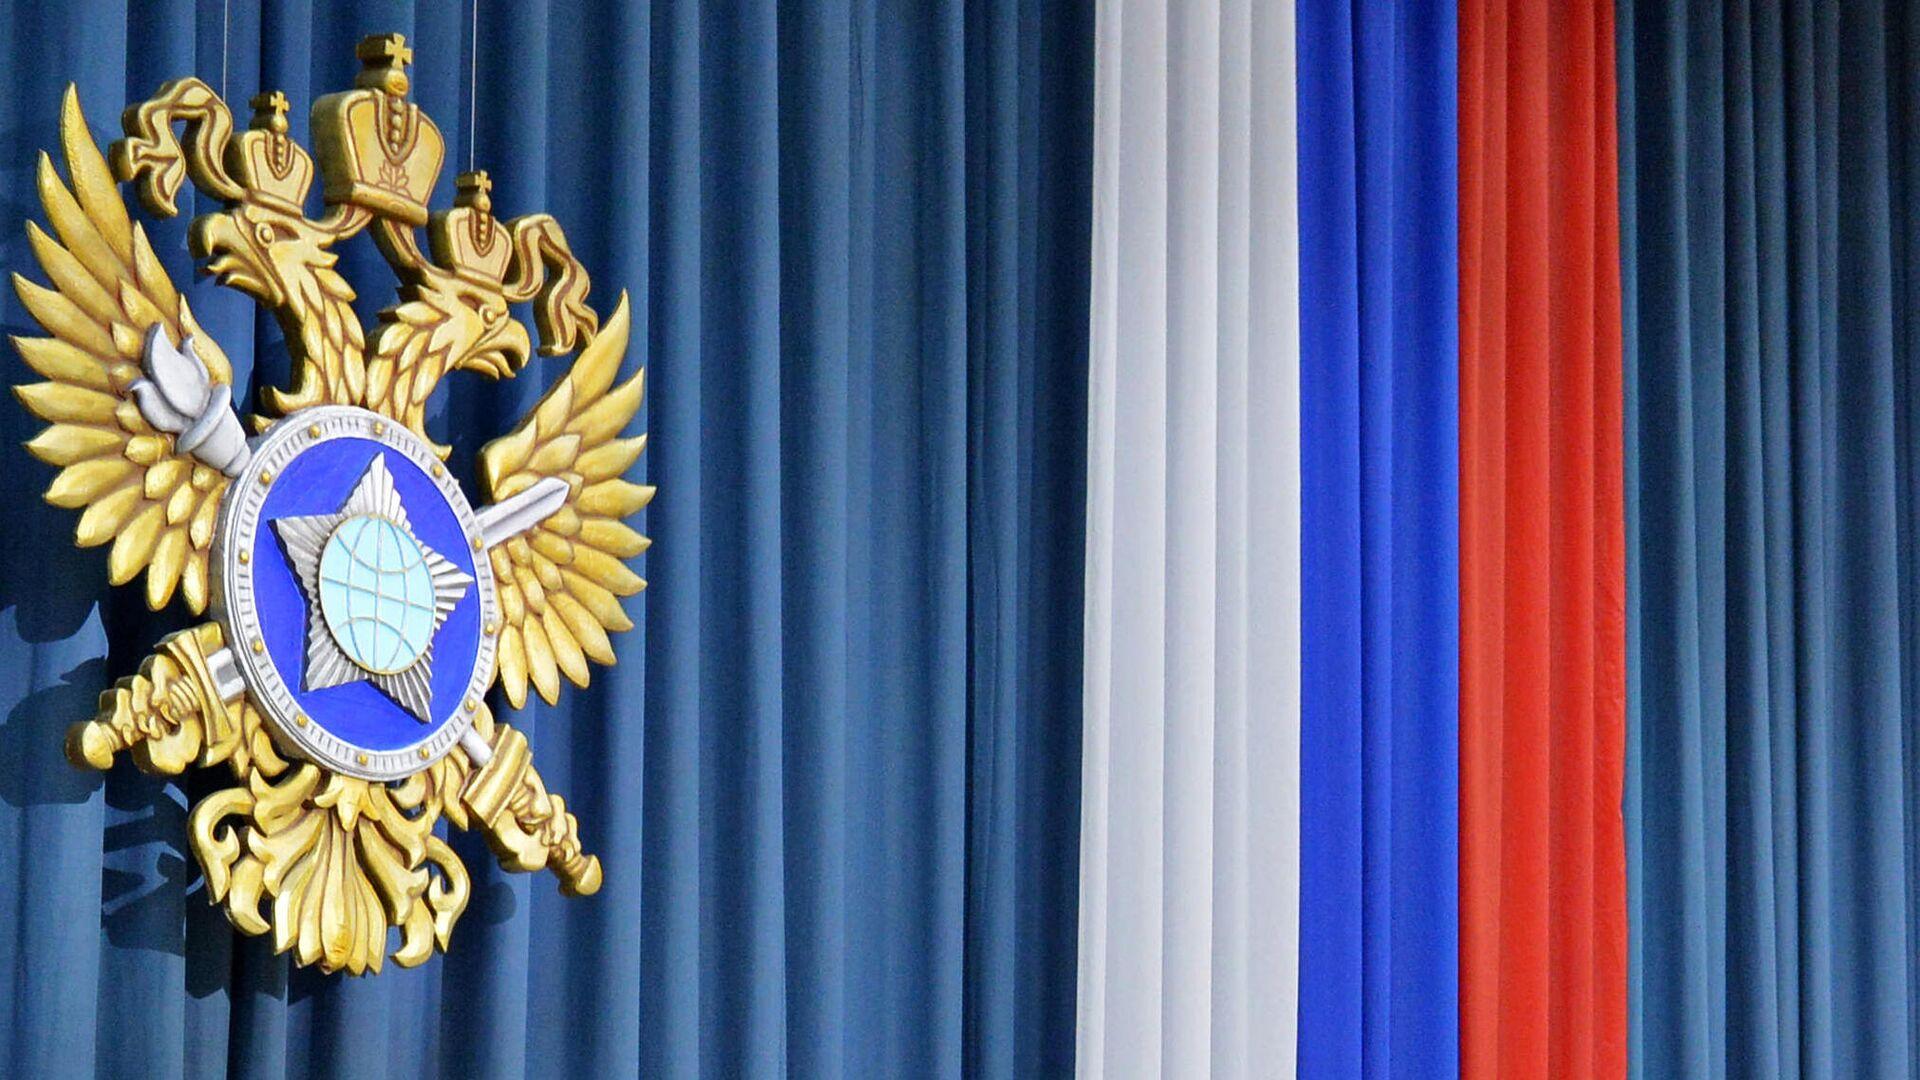 Герб Службы внешней разведки Росии - РИА Новости, 1920, 15.04.2021